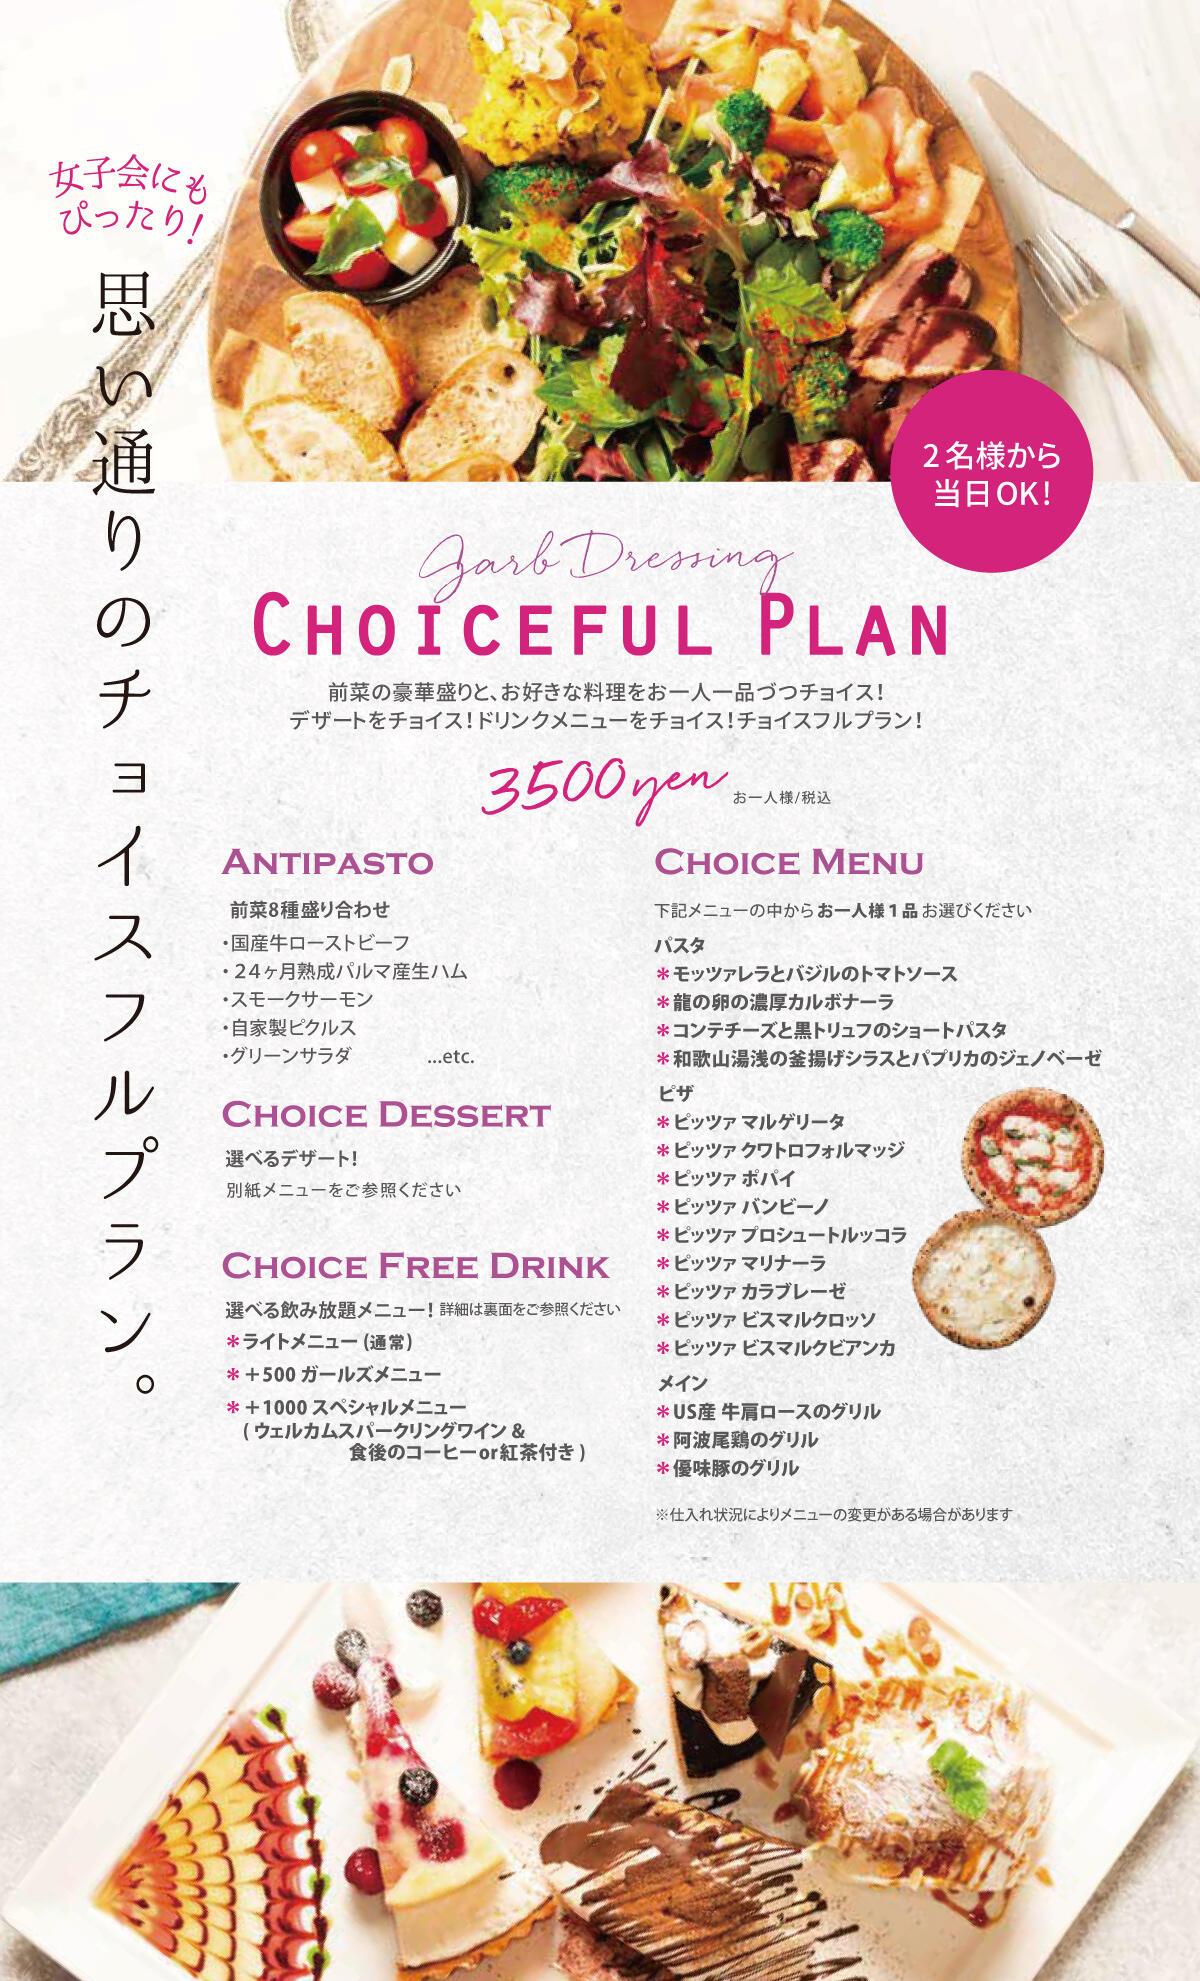 dre_2010_choiceplanplan_1.jpg